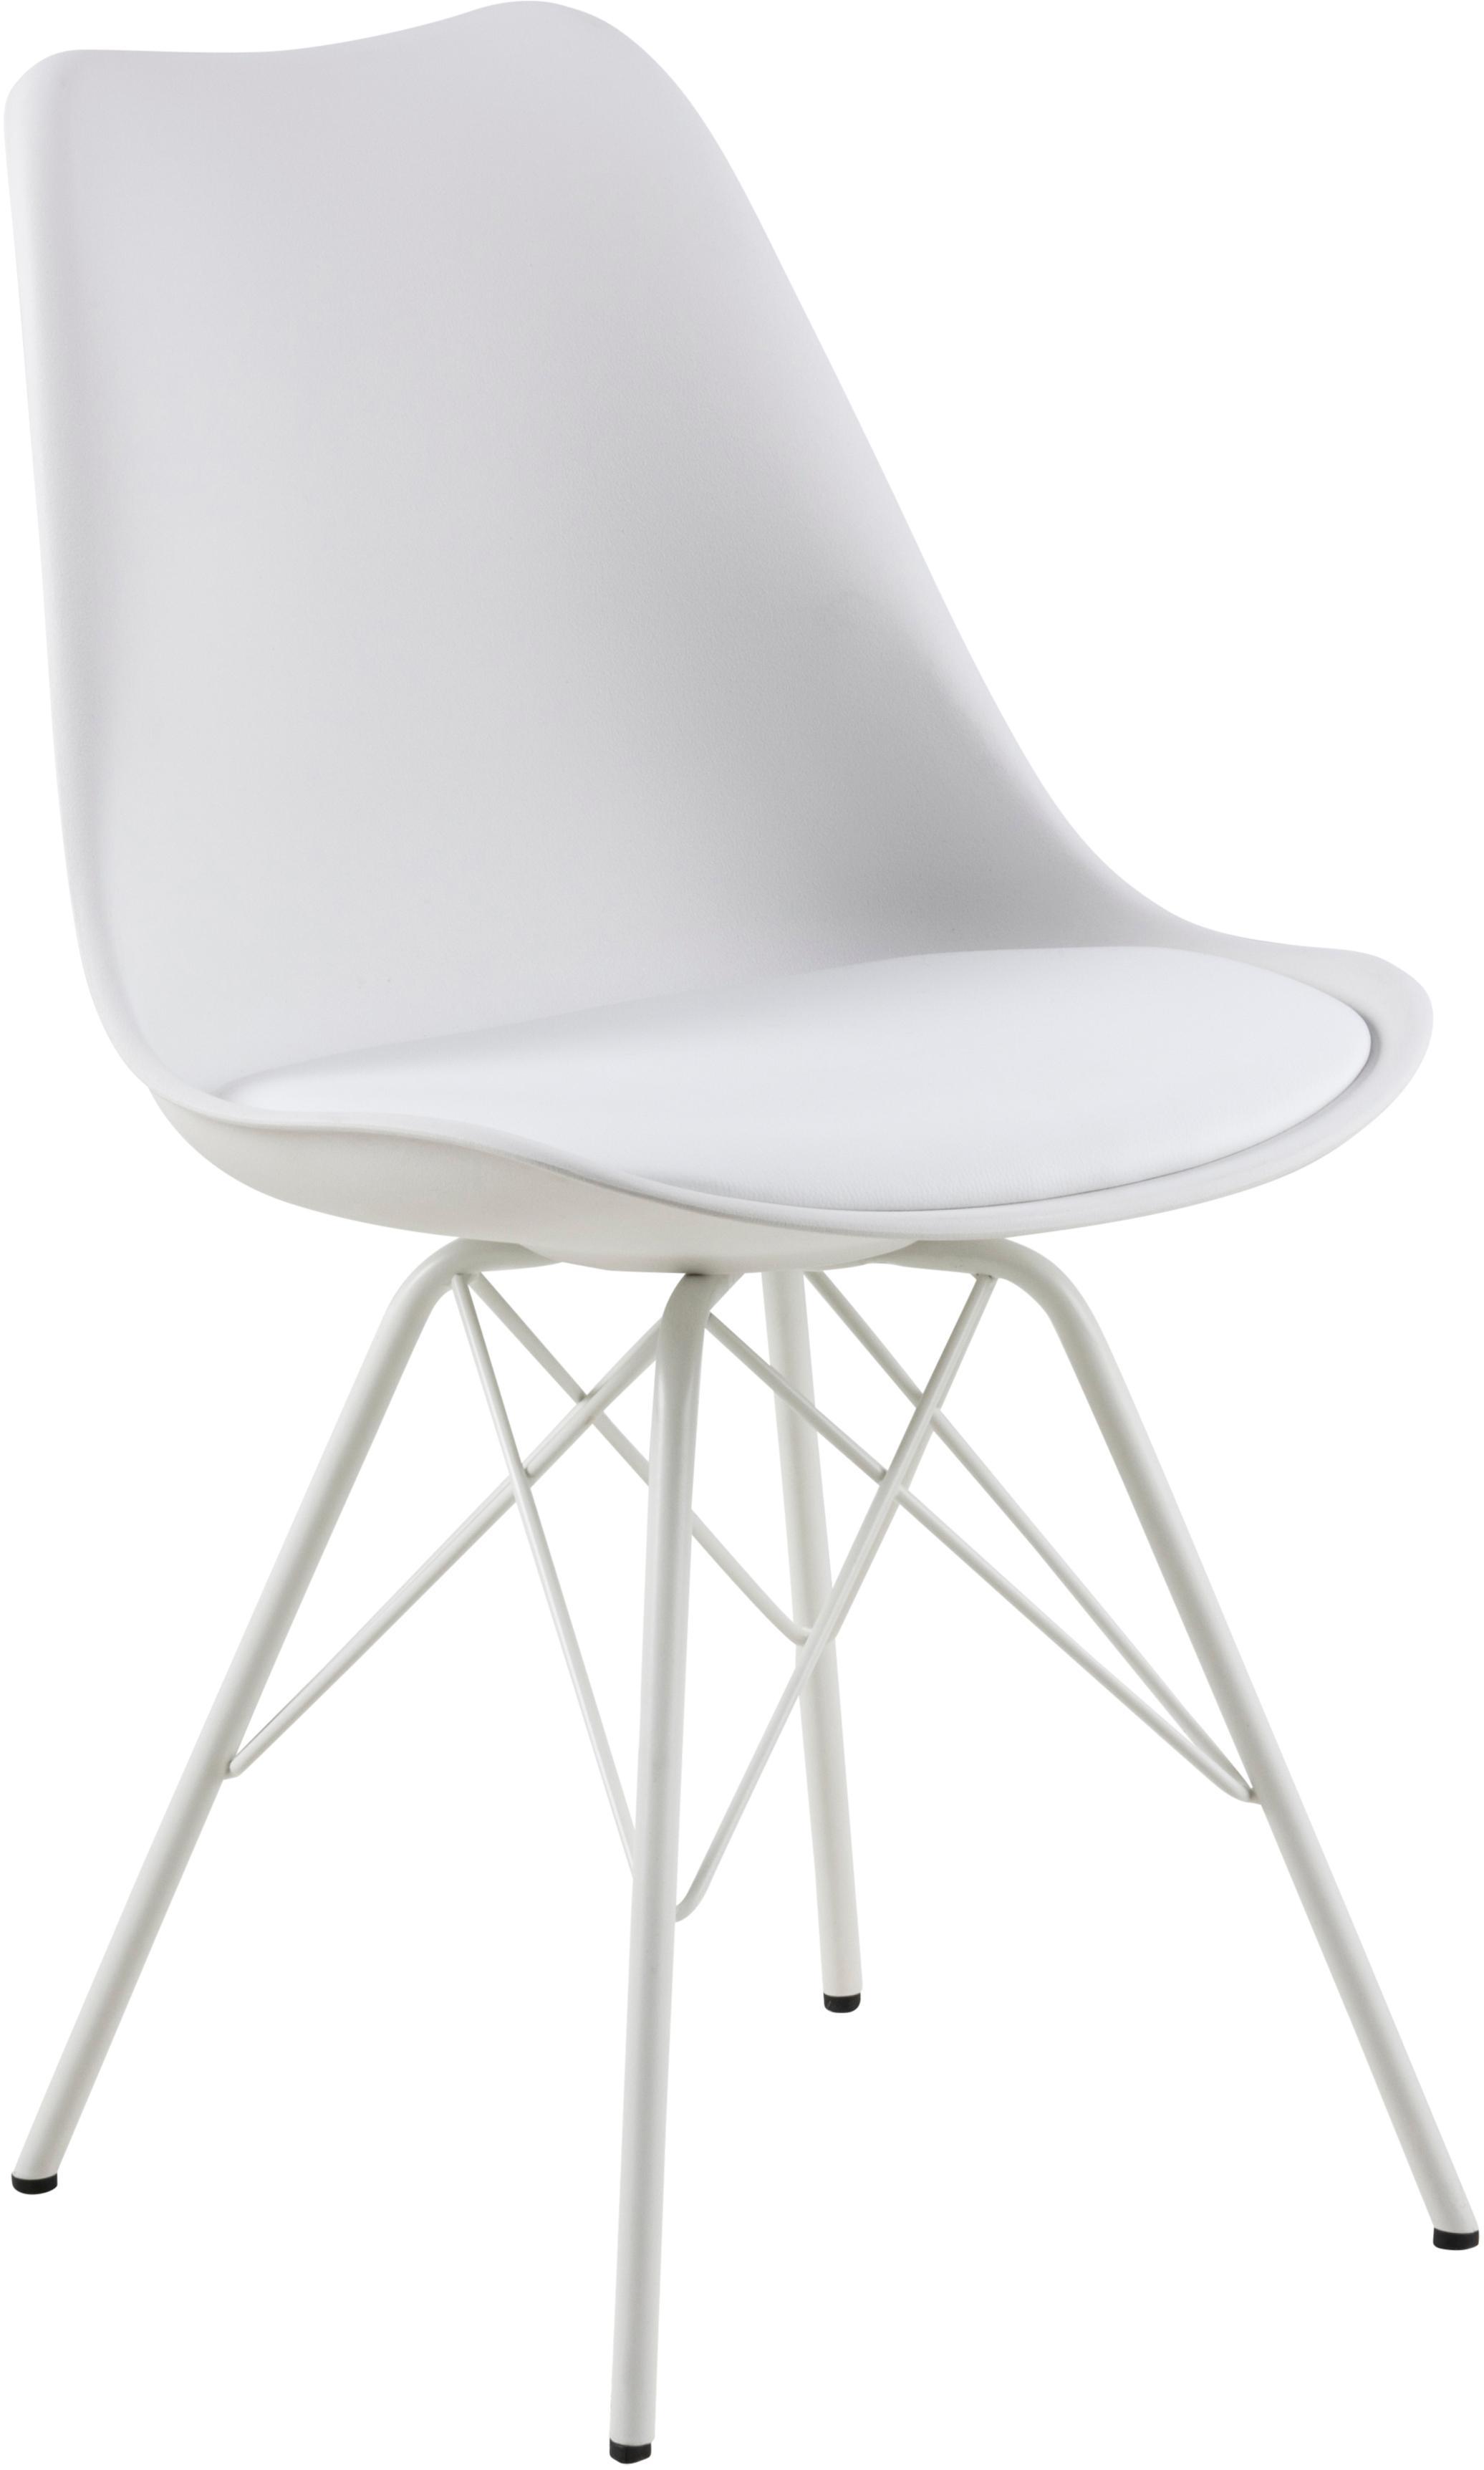 Sillas de plático Eris, 2uds., Asiento: plástico, Patas: metal con pintura en polv, Blanco, An 49 x F 54 cm